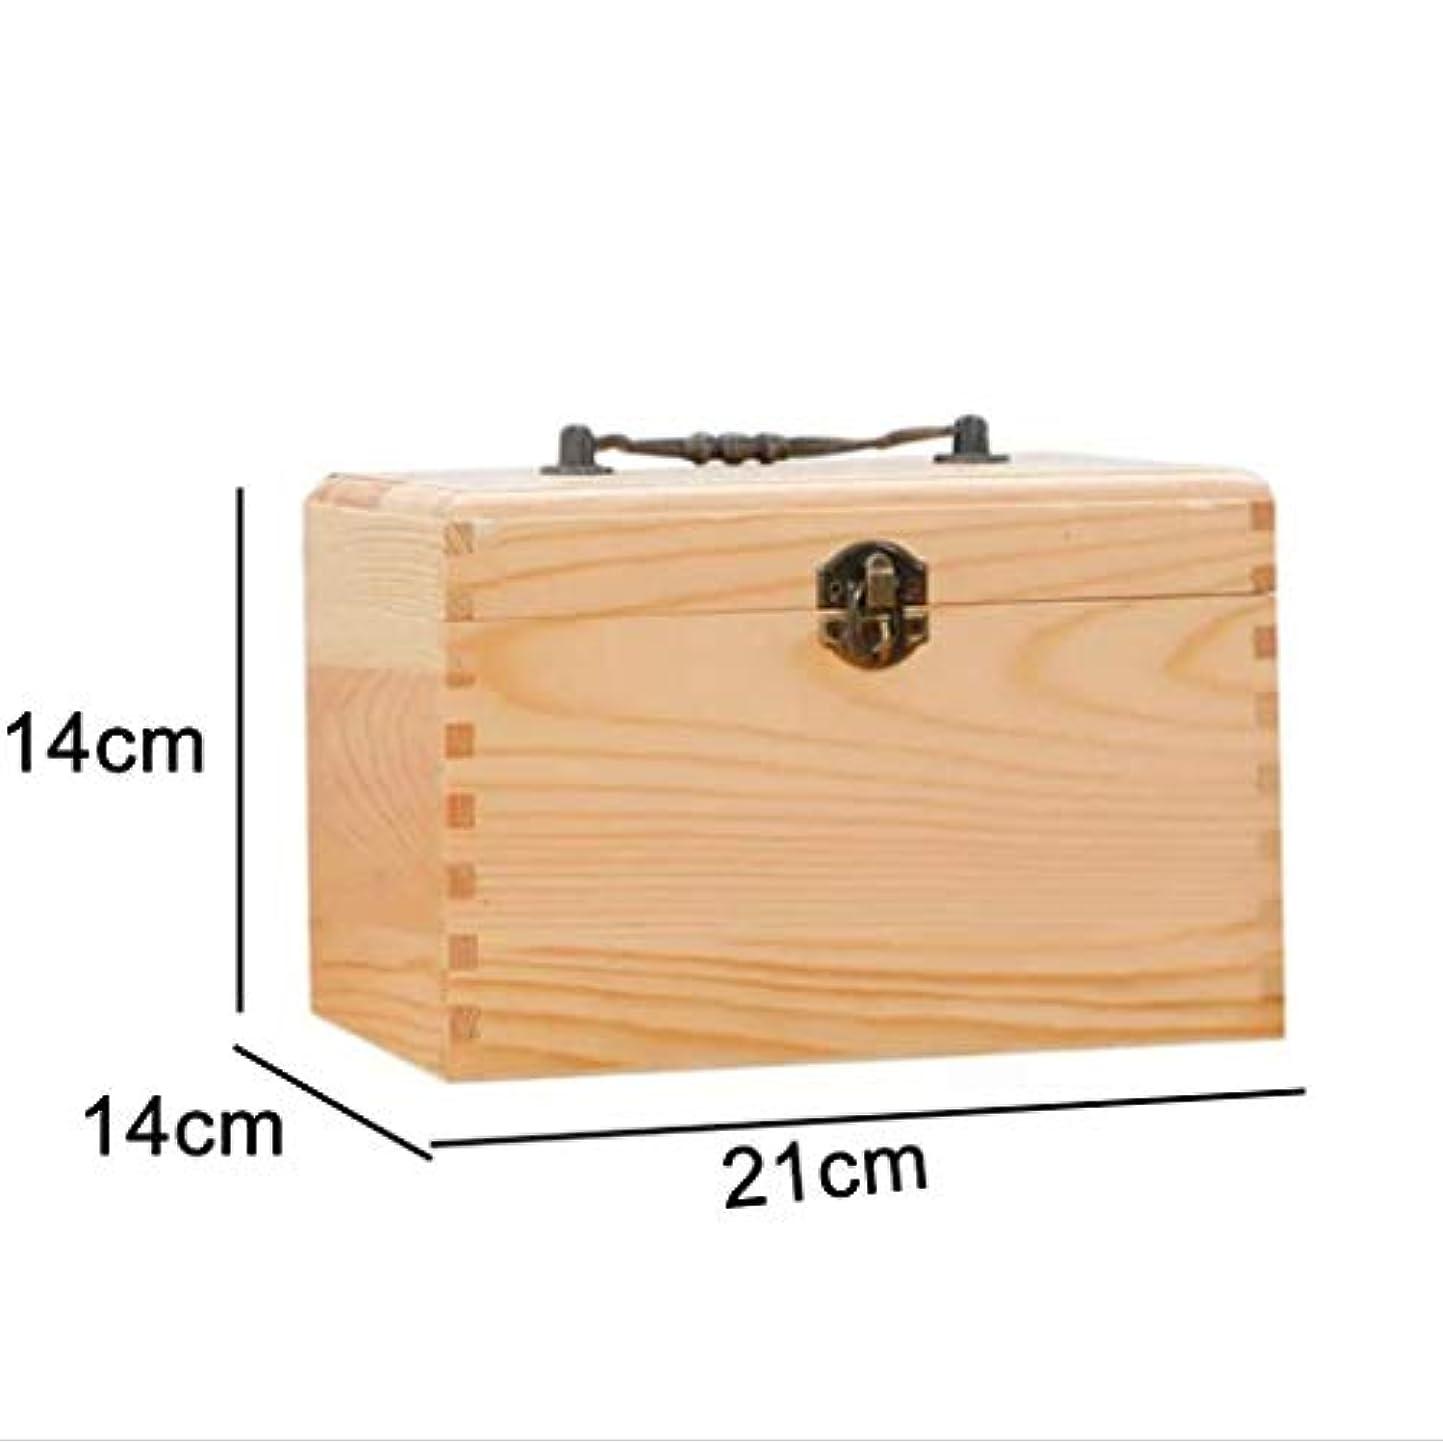 不快コイン戦闘家庭用木製薬箱ポータブル木製医療箱エレガントなレトロジュエリー収納ボックス、大容量、家族、バスルーム、オフィスに適しています